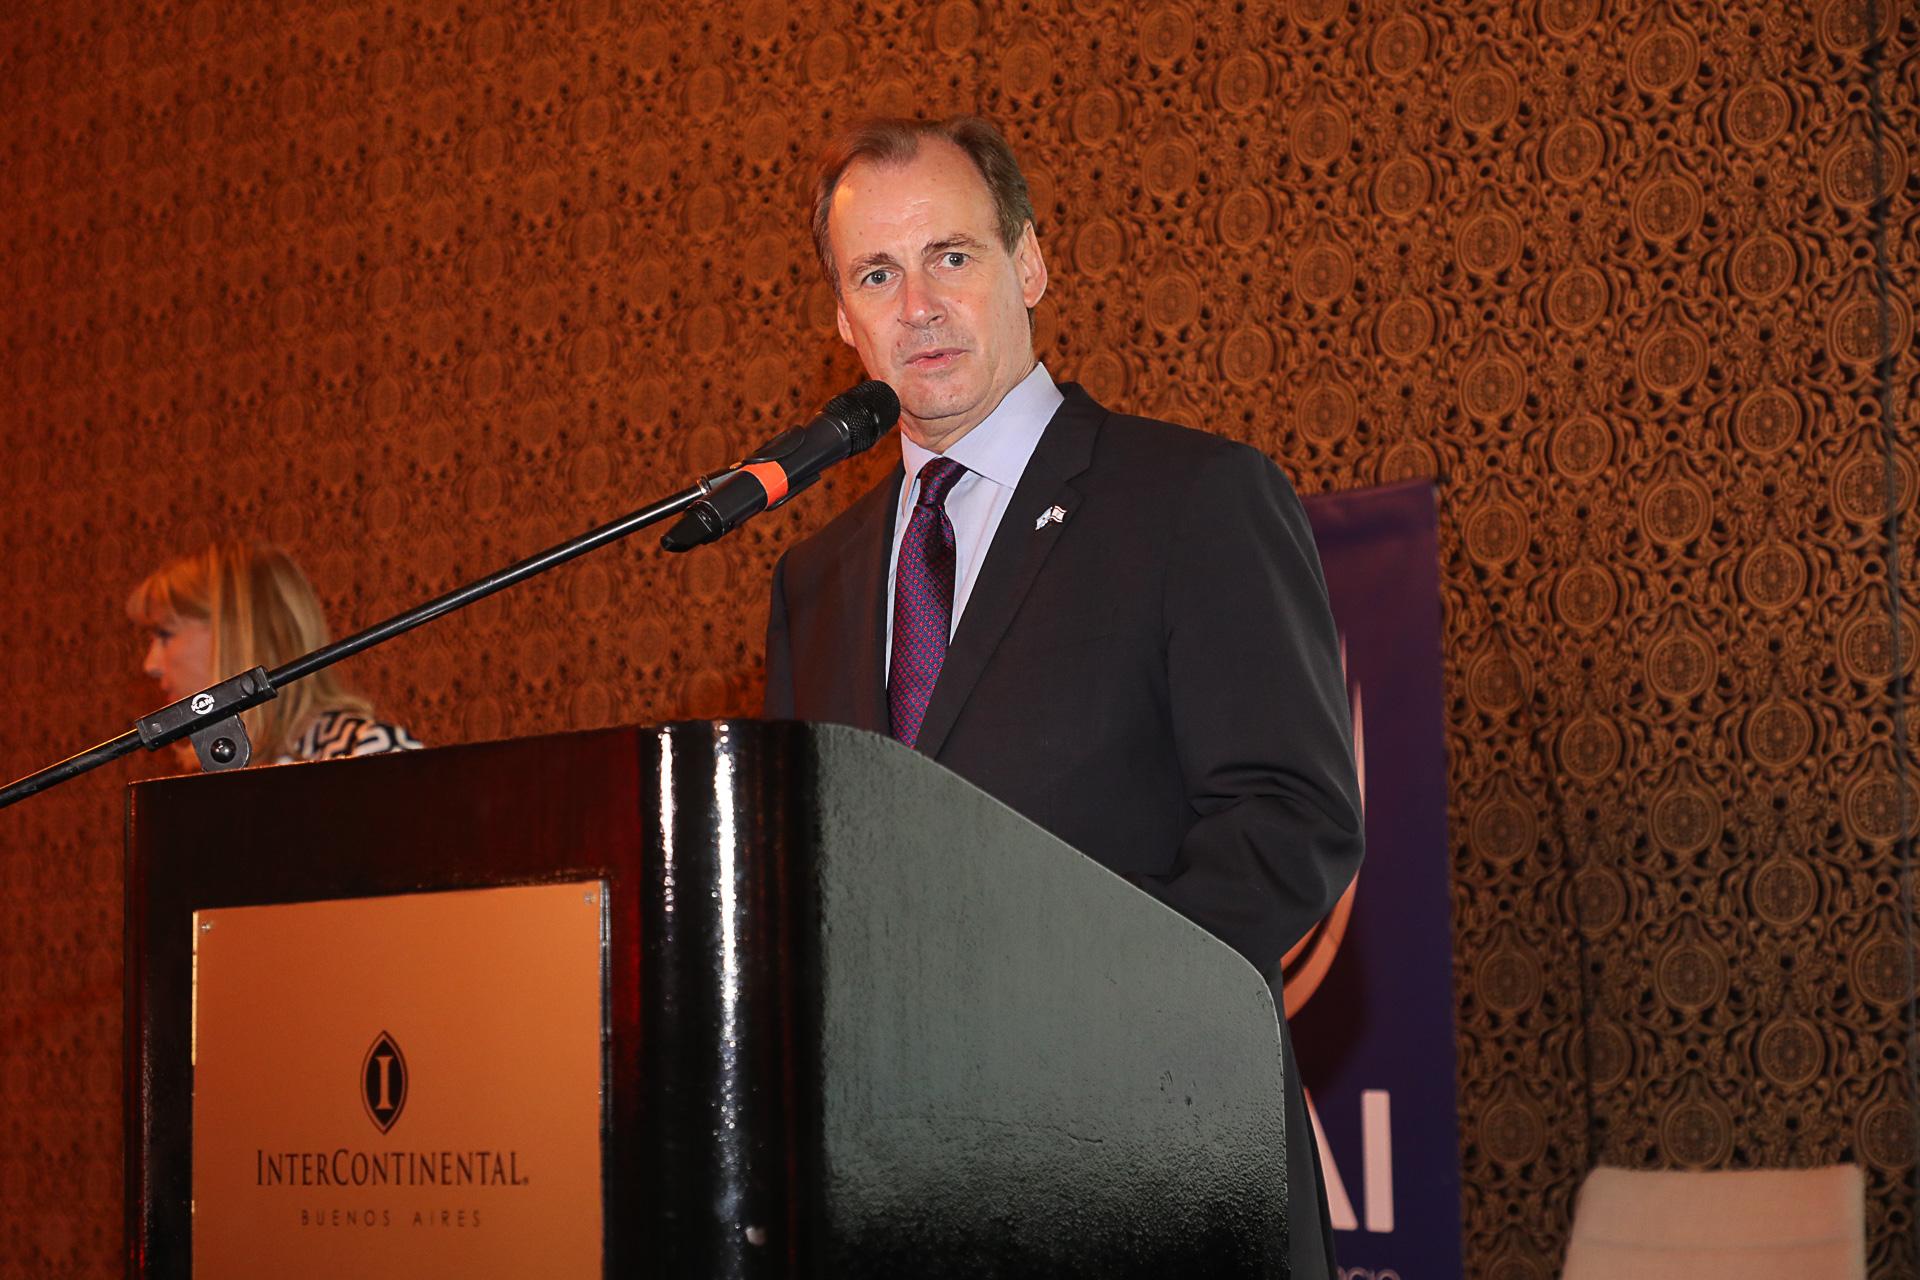 El discurso del gobernador Gustavo Bordet